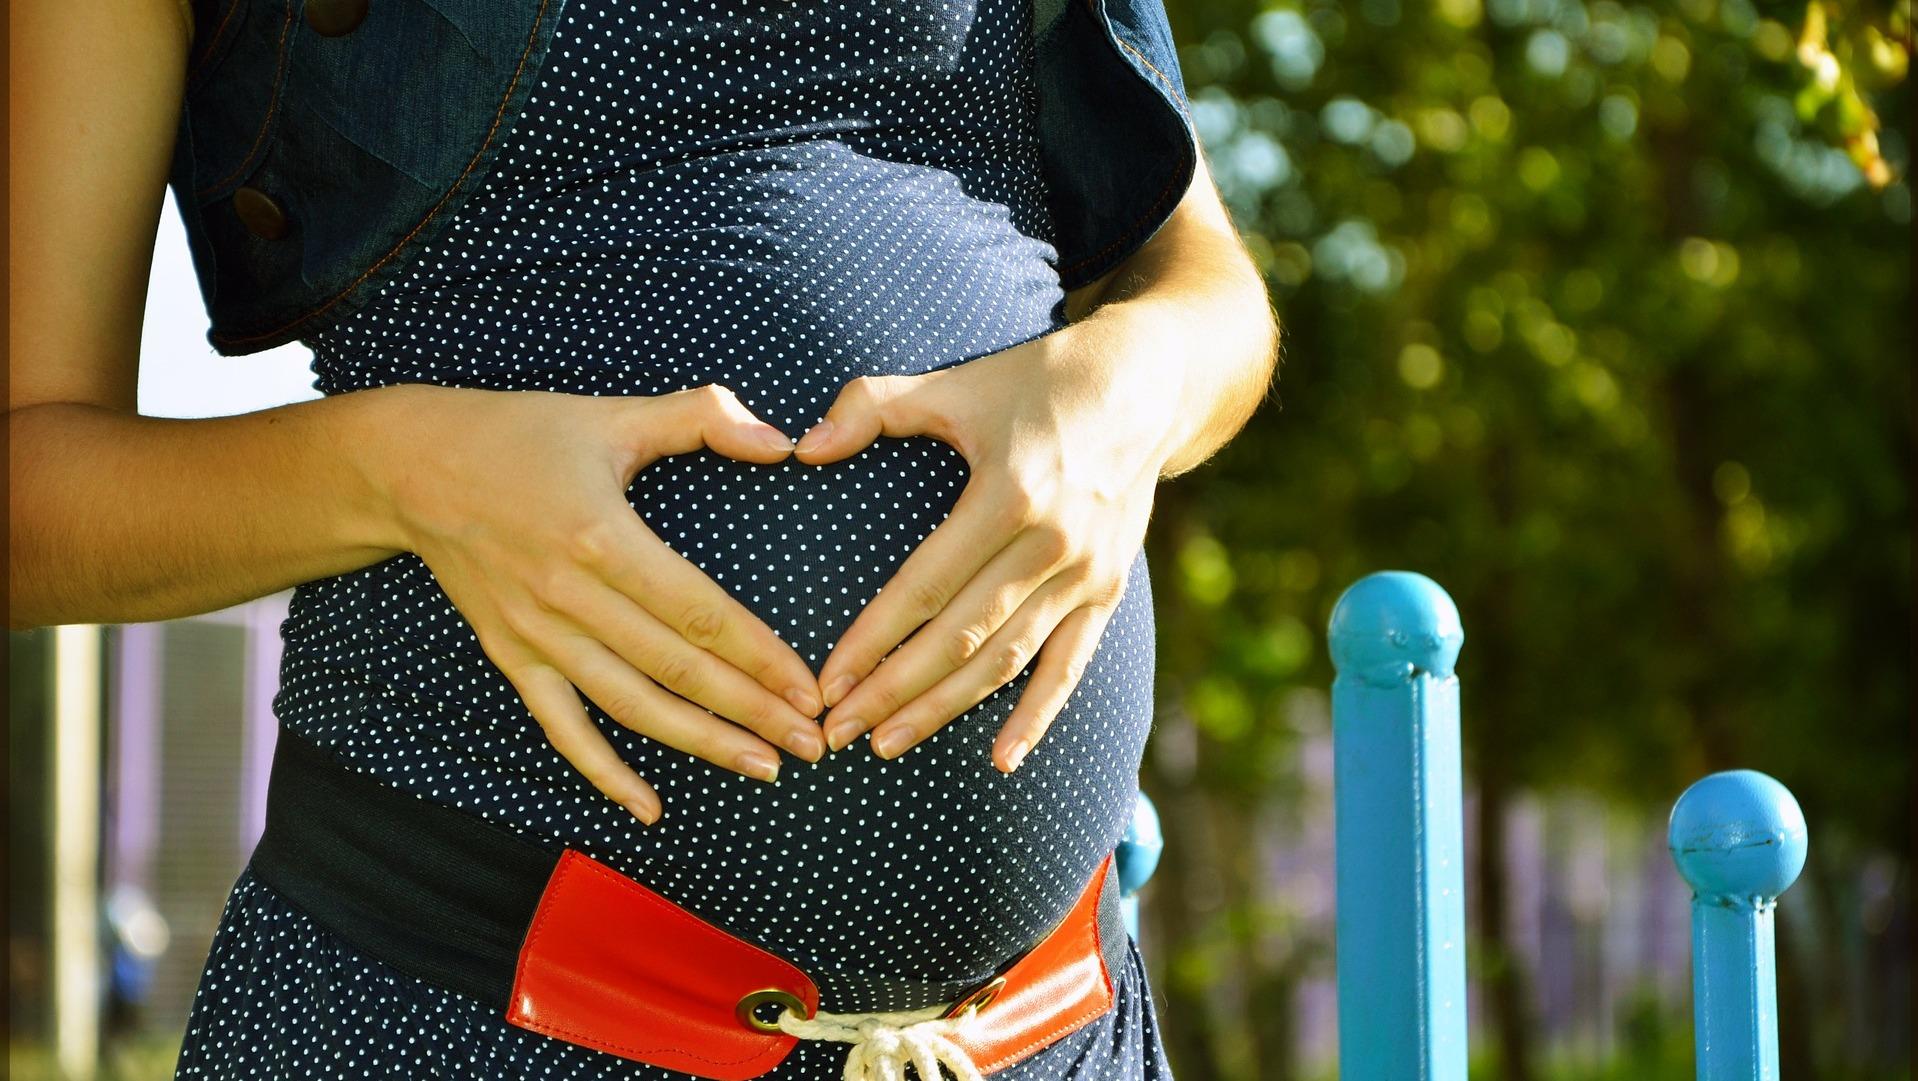 Pregnant schoolkids